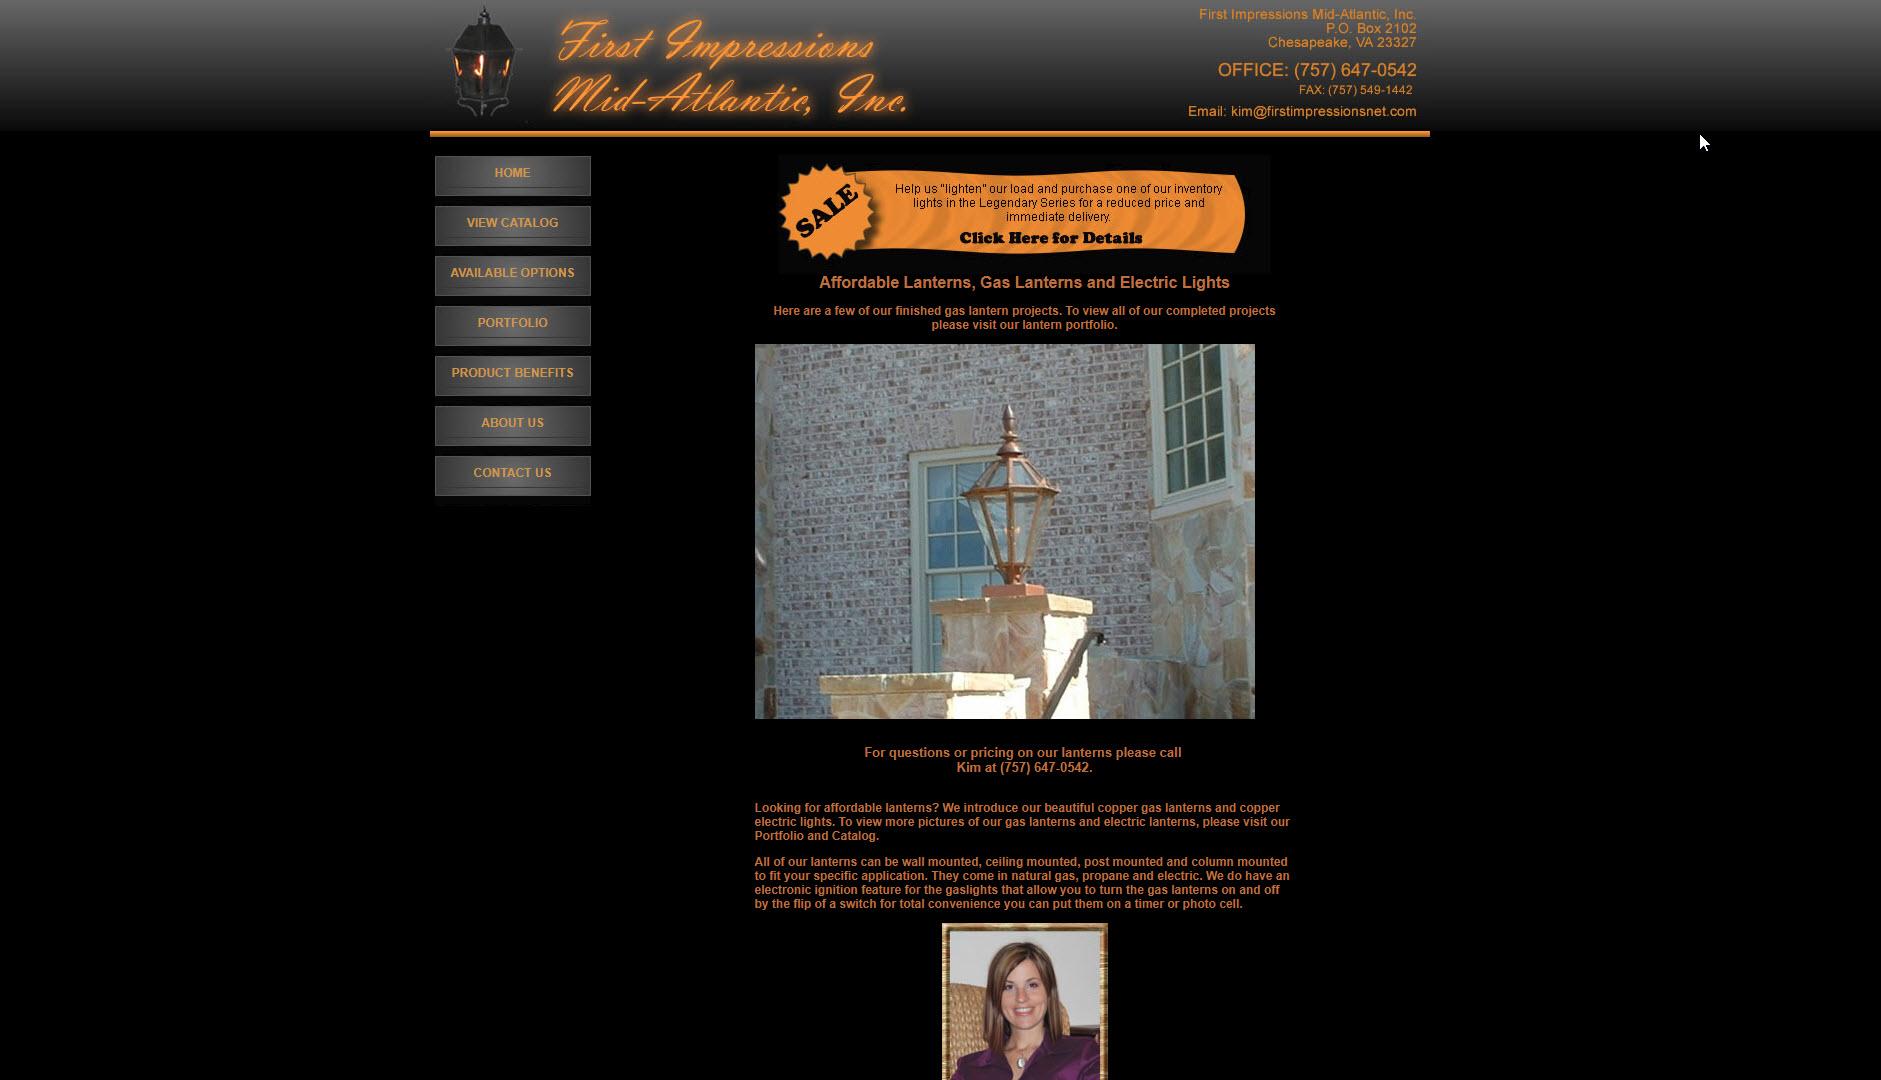 First Impressions Mid-Atlantic Web Design Portfolio